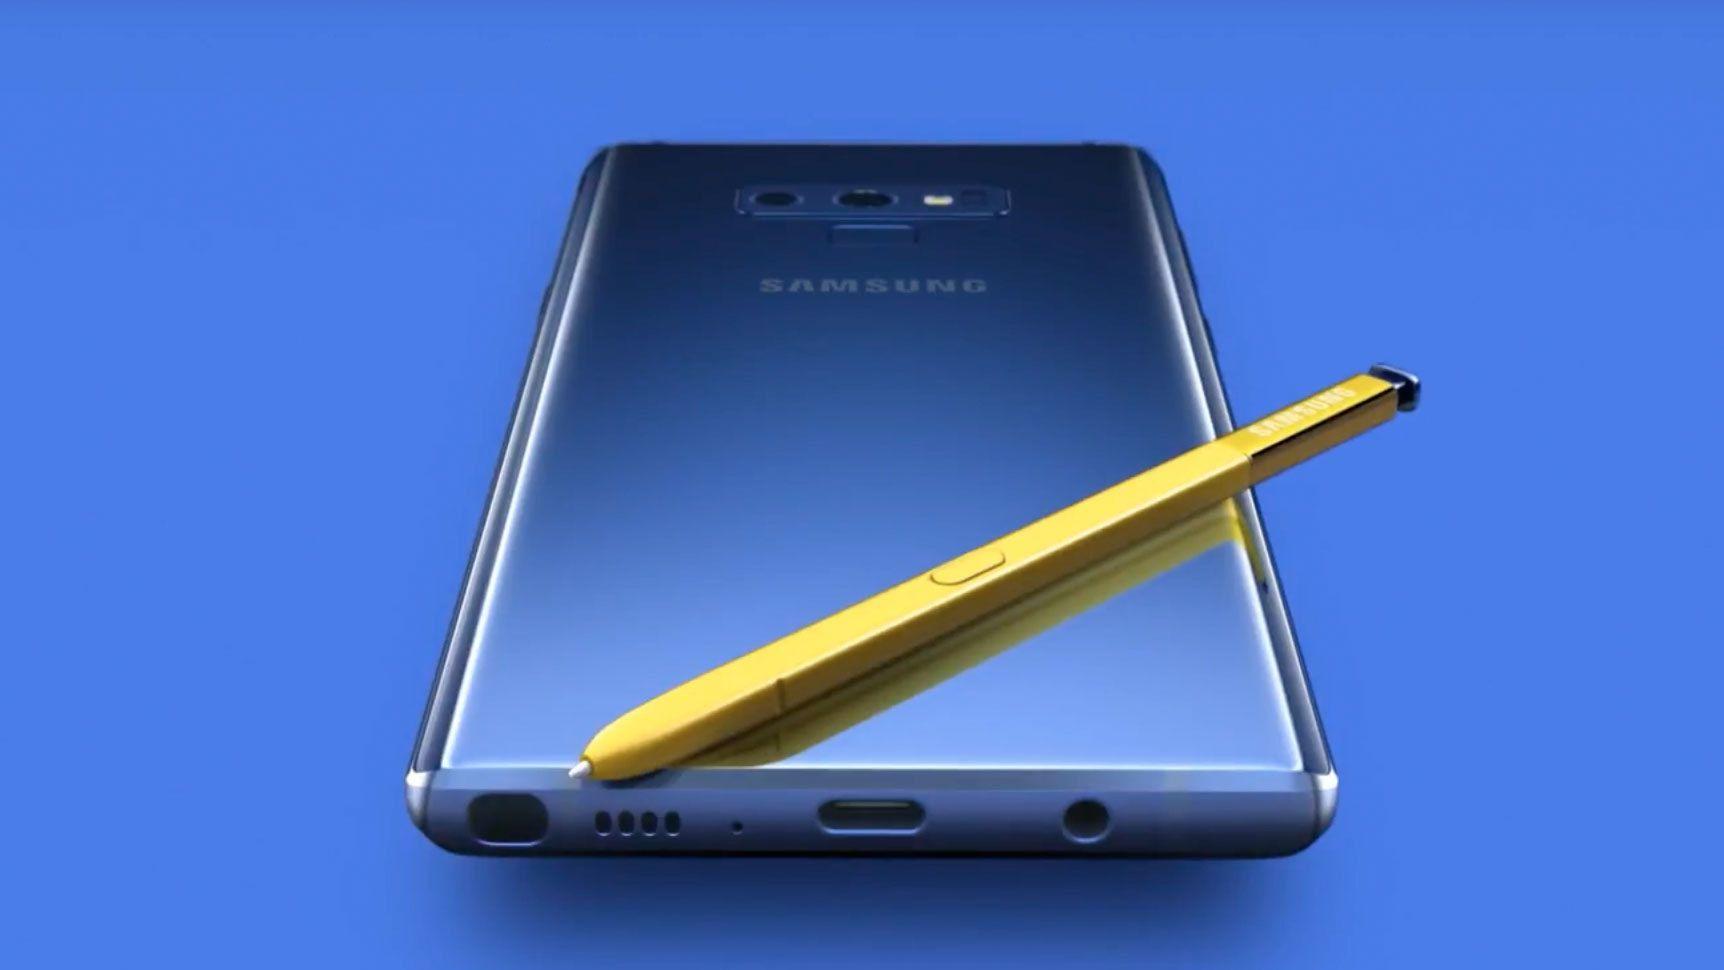 Avslørt av offisiell video: Dette er Galaxy Note 9